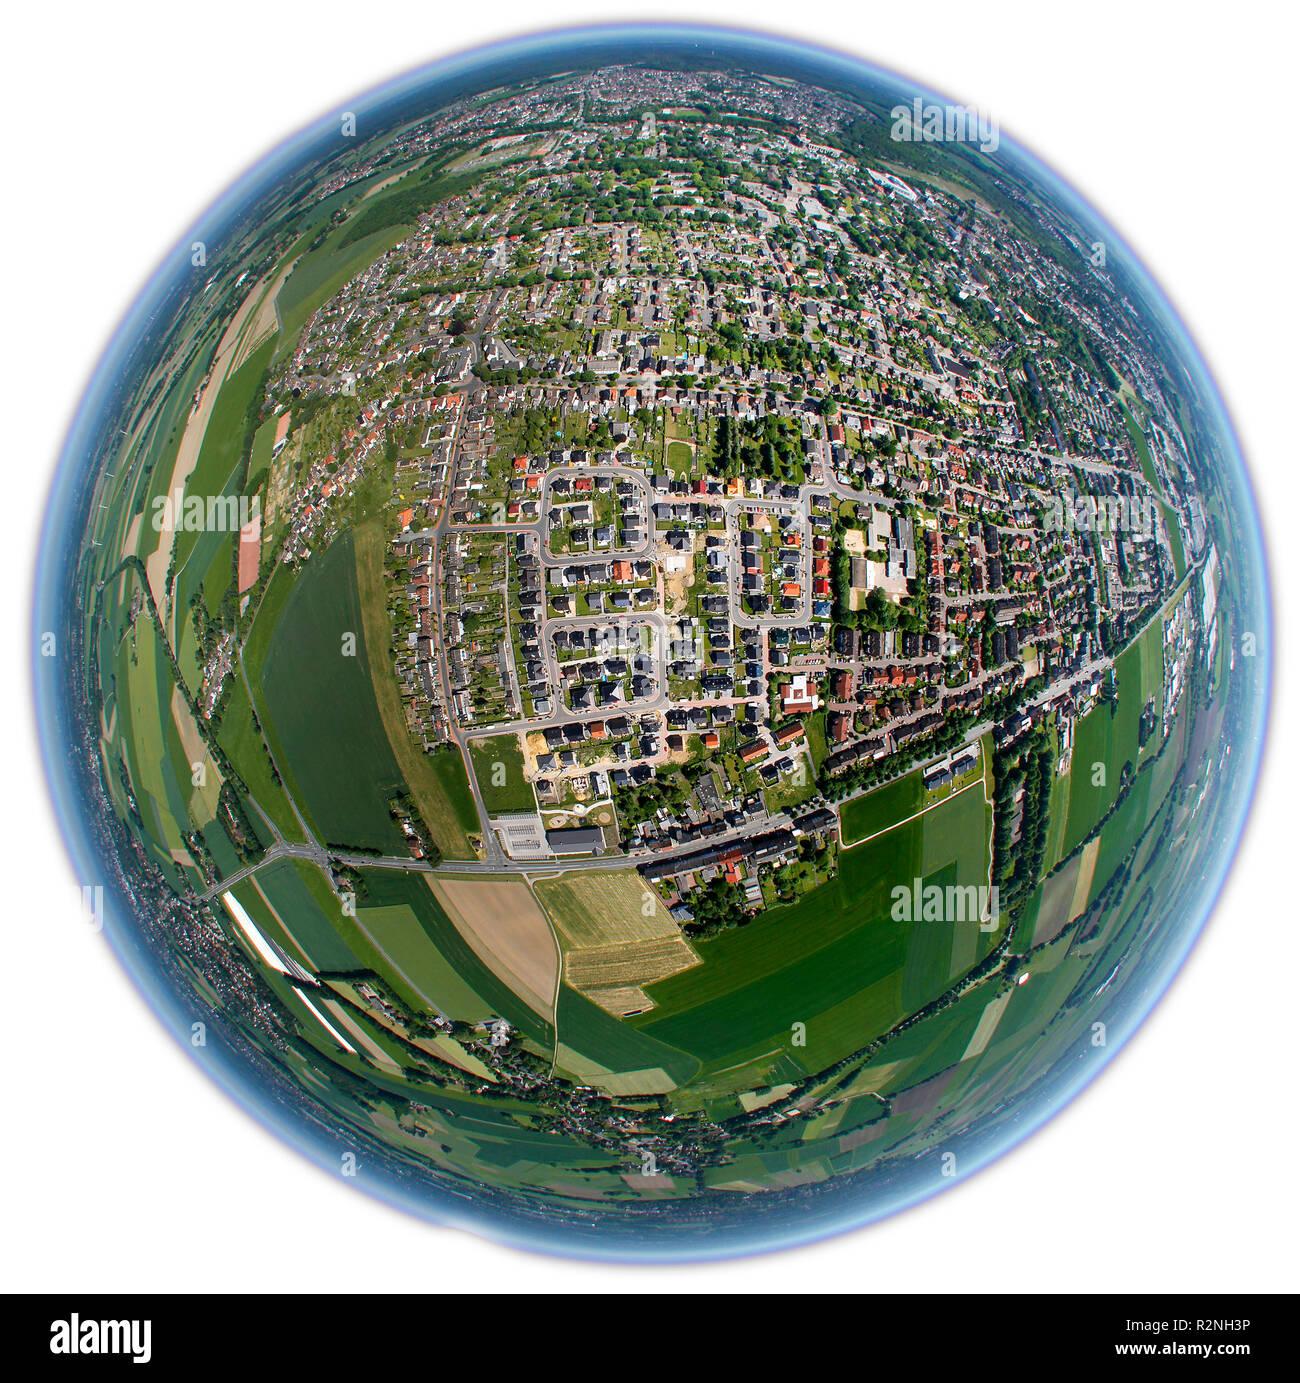 Oer-Erkenschwick, Ruhr area, North Rhine-Westphalia, Germany, Europe, - Stock Image